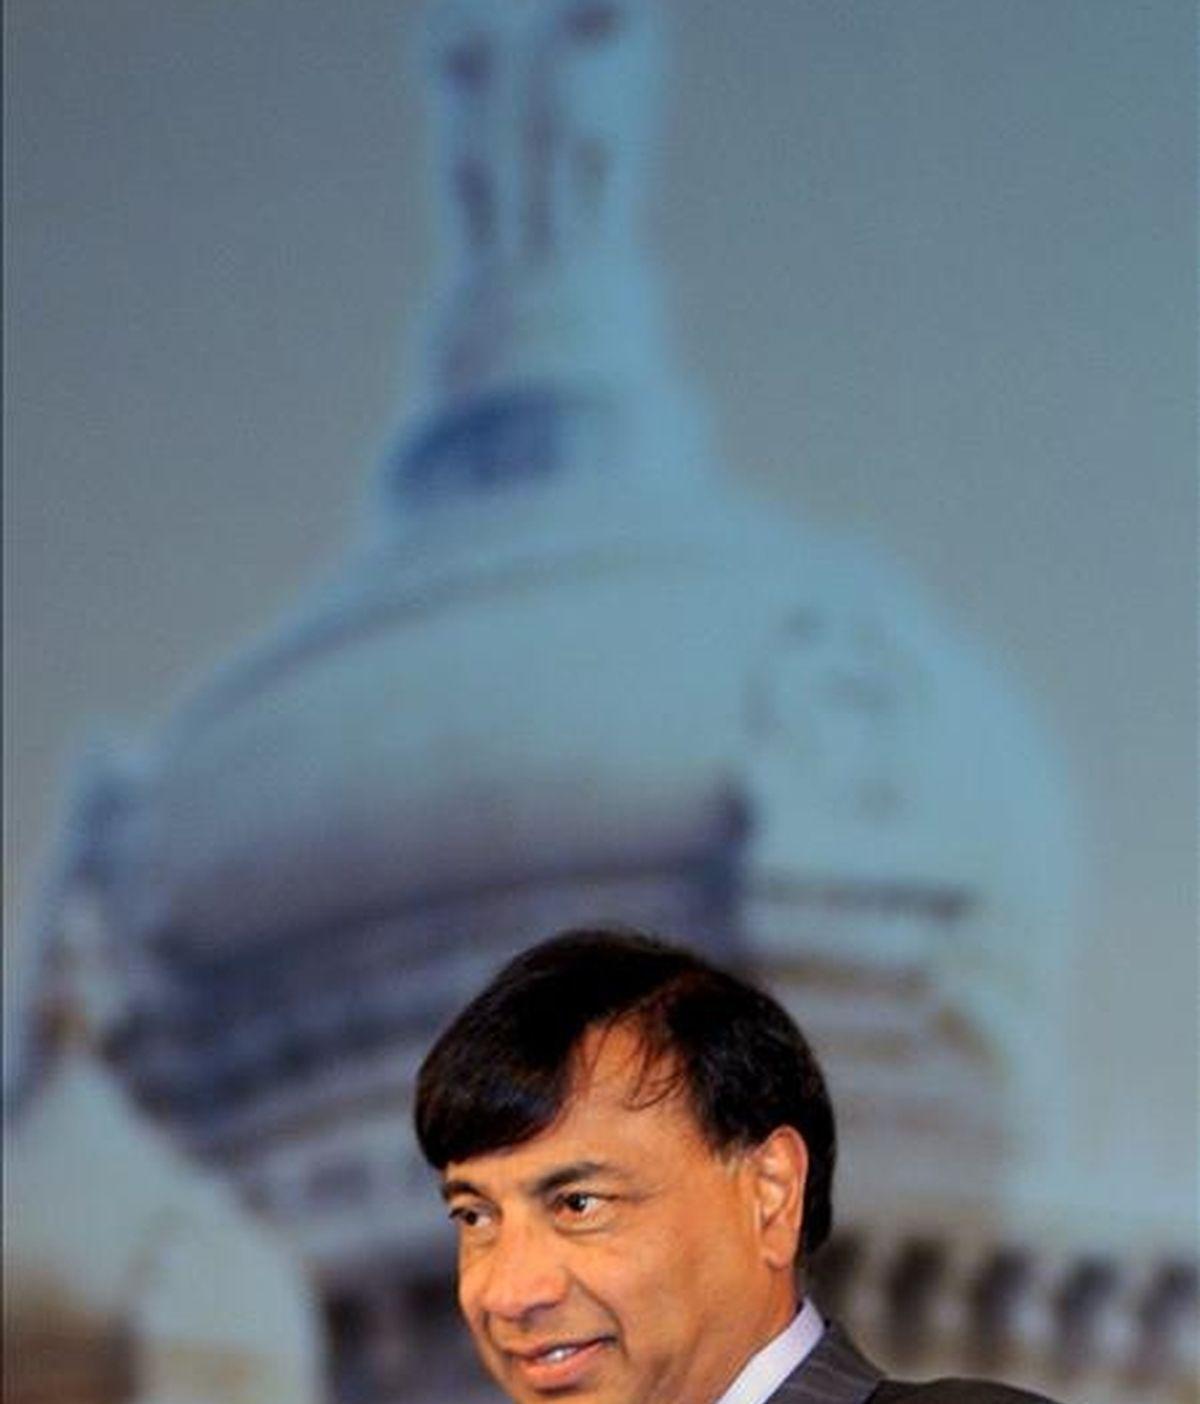 El presidente y director ejecutivo de ArcelorMittal Ltd. Lakshmi N. Mittal. EFE/Archivo